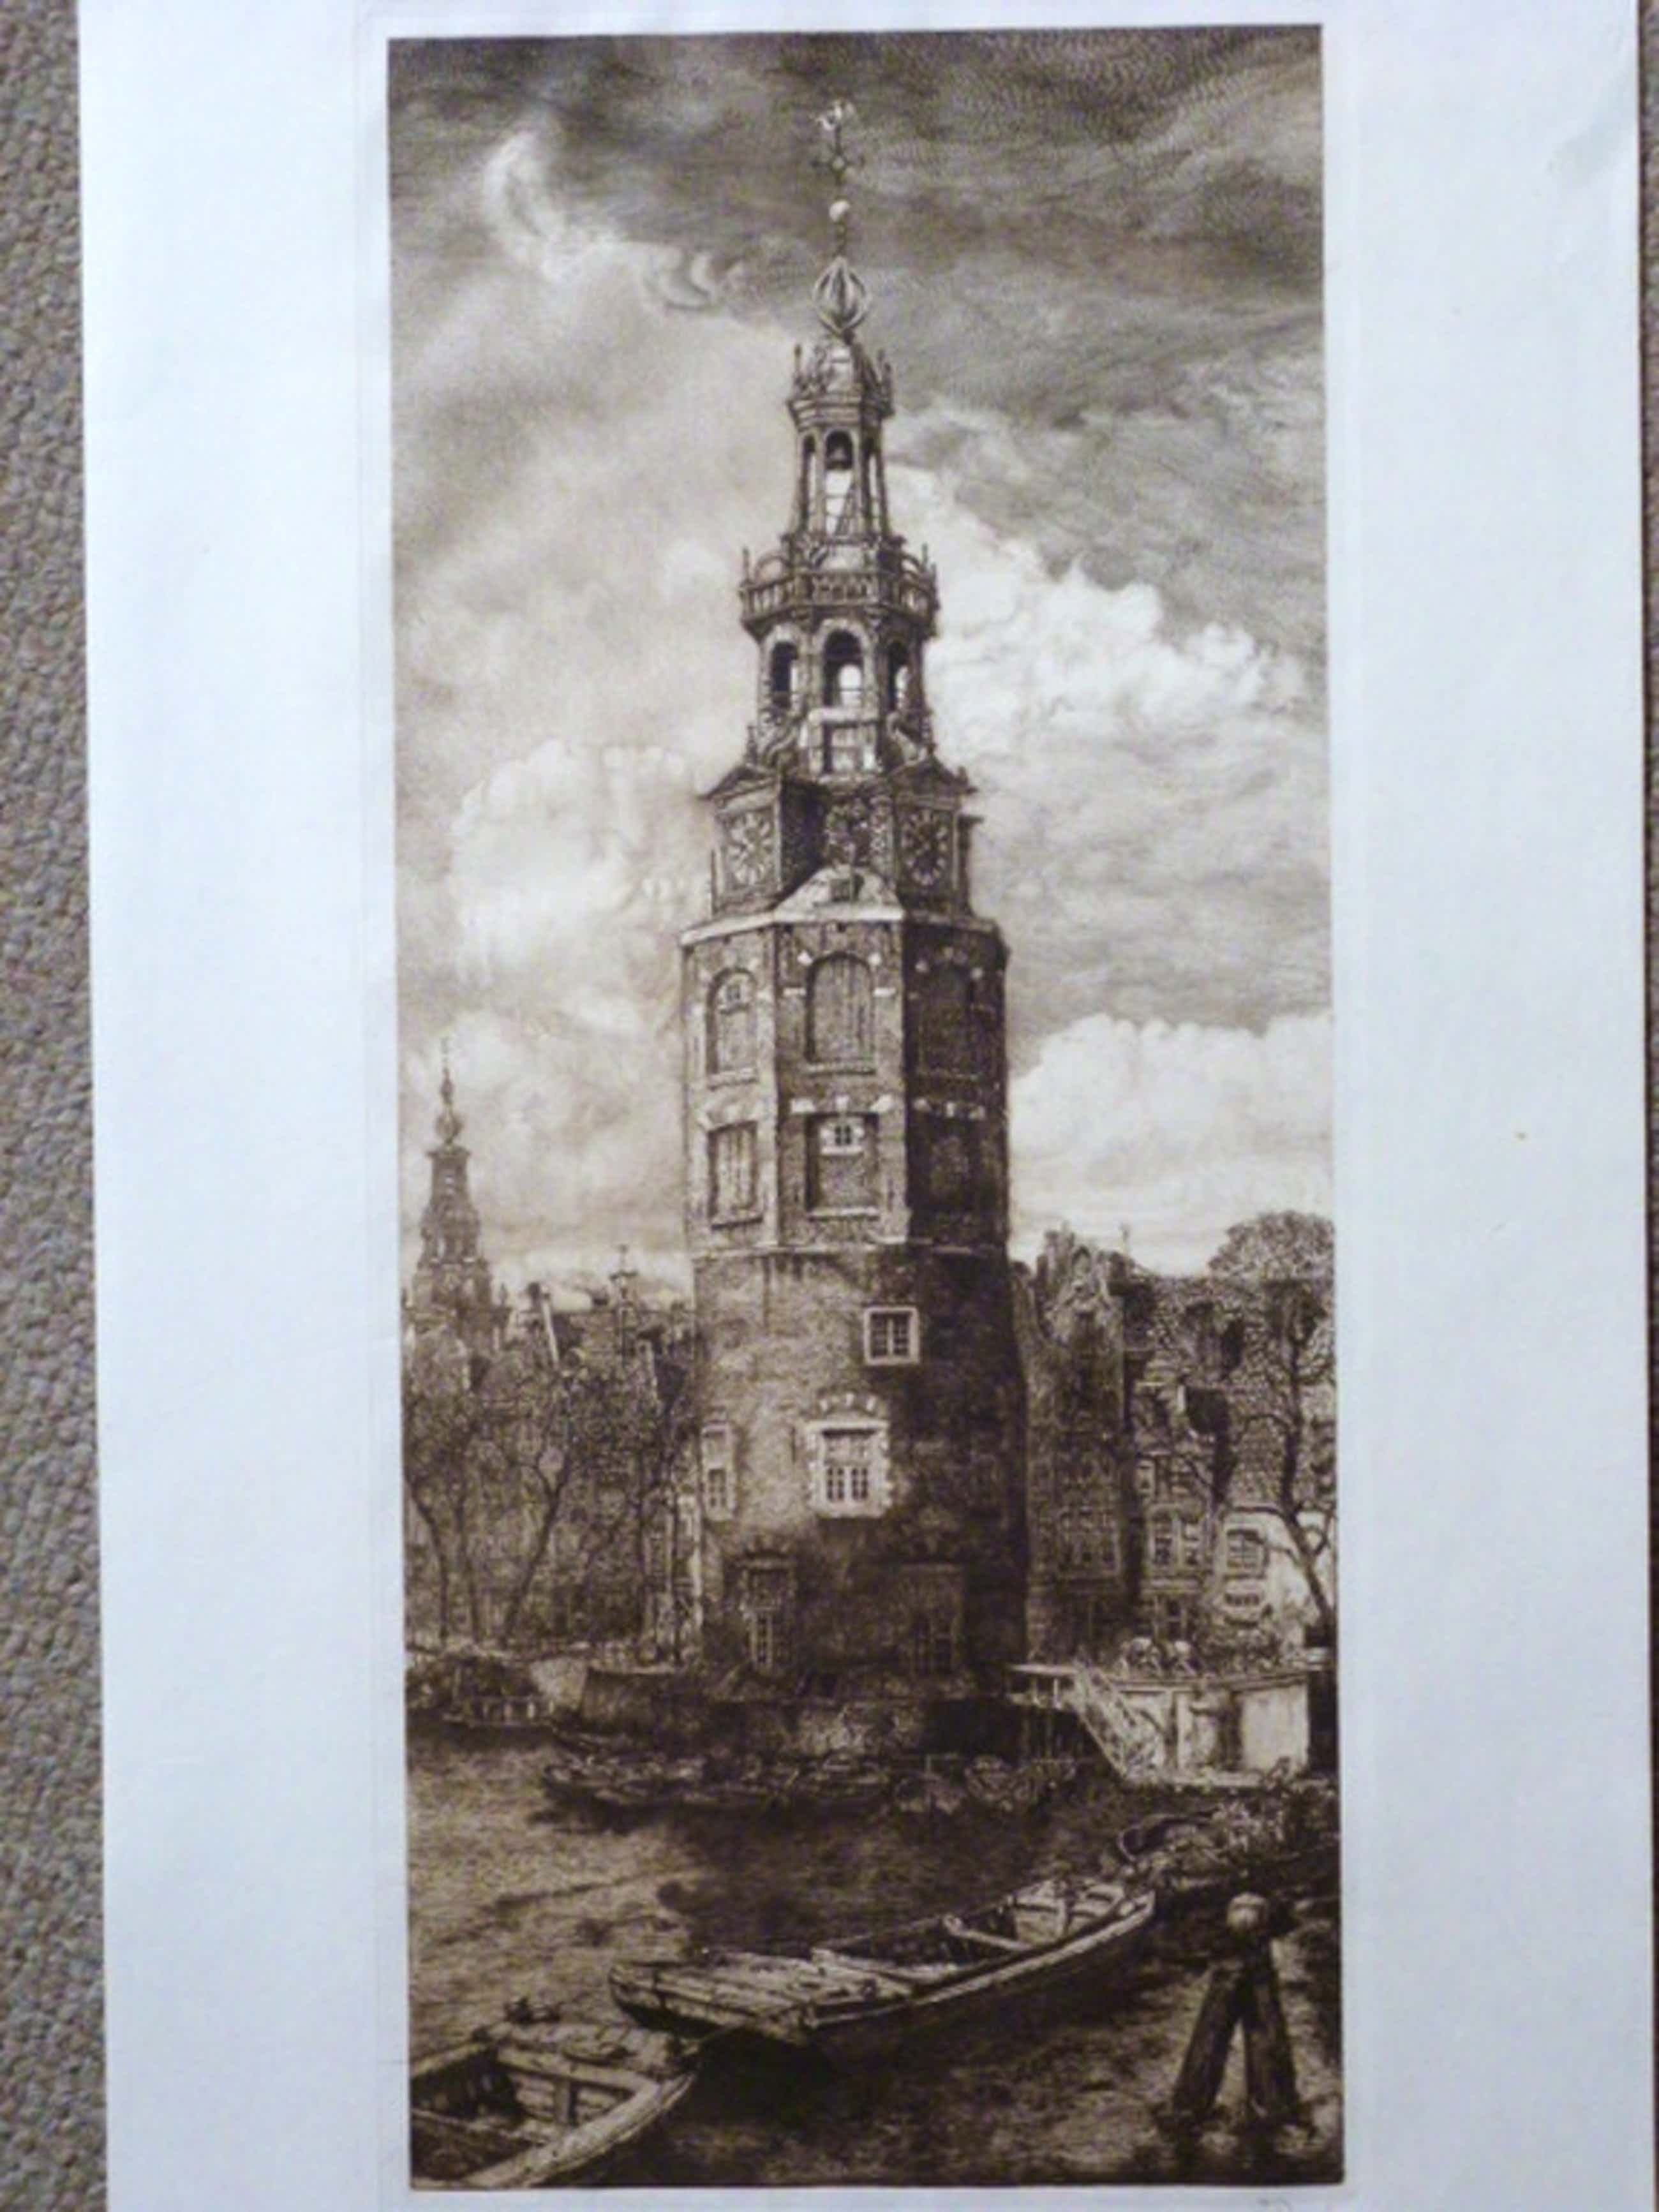 Pieter Dupont - ets - Montelbaanstoren Amsterdam kopen? Bied vanaf 100!